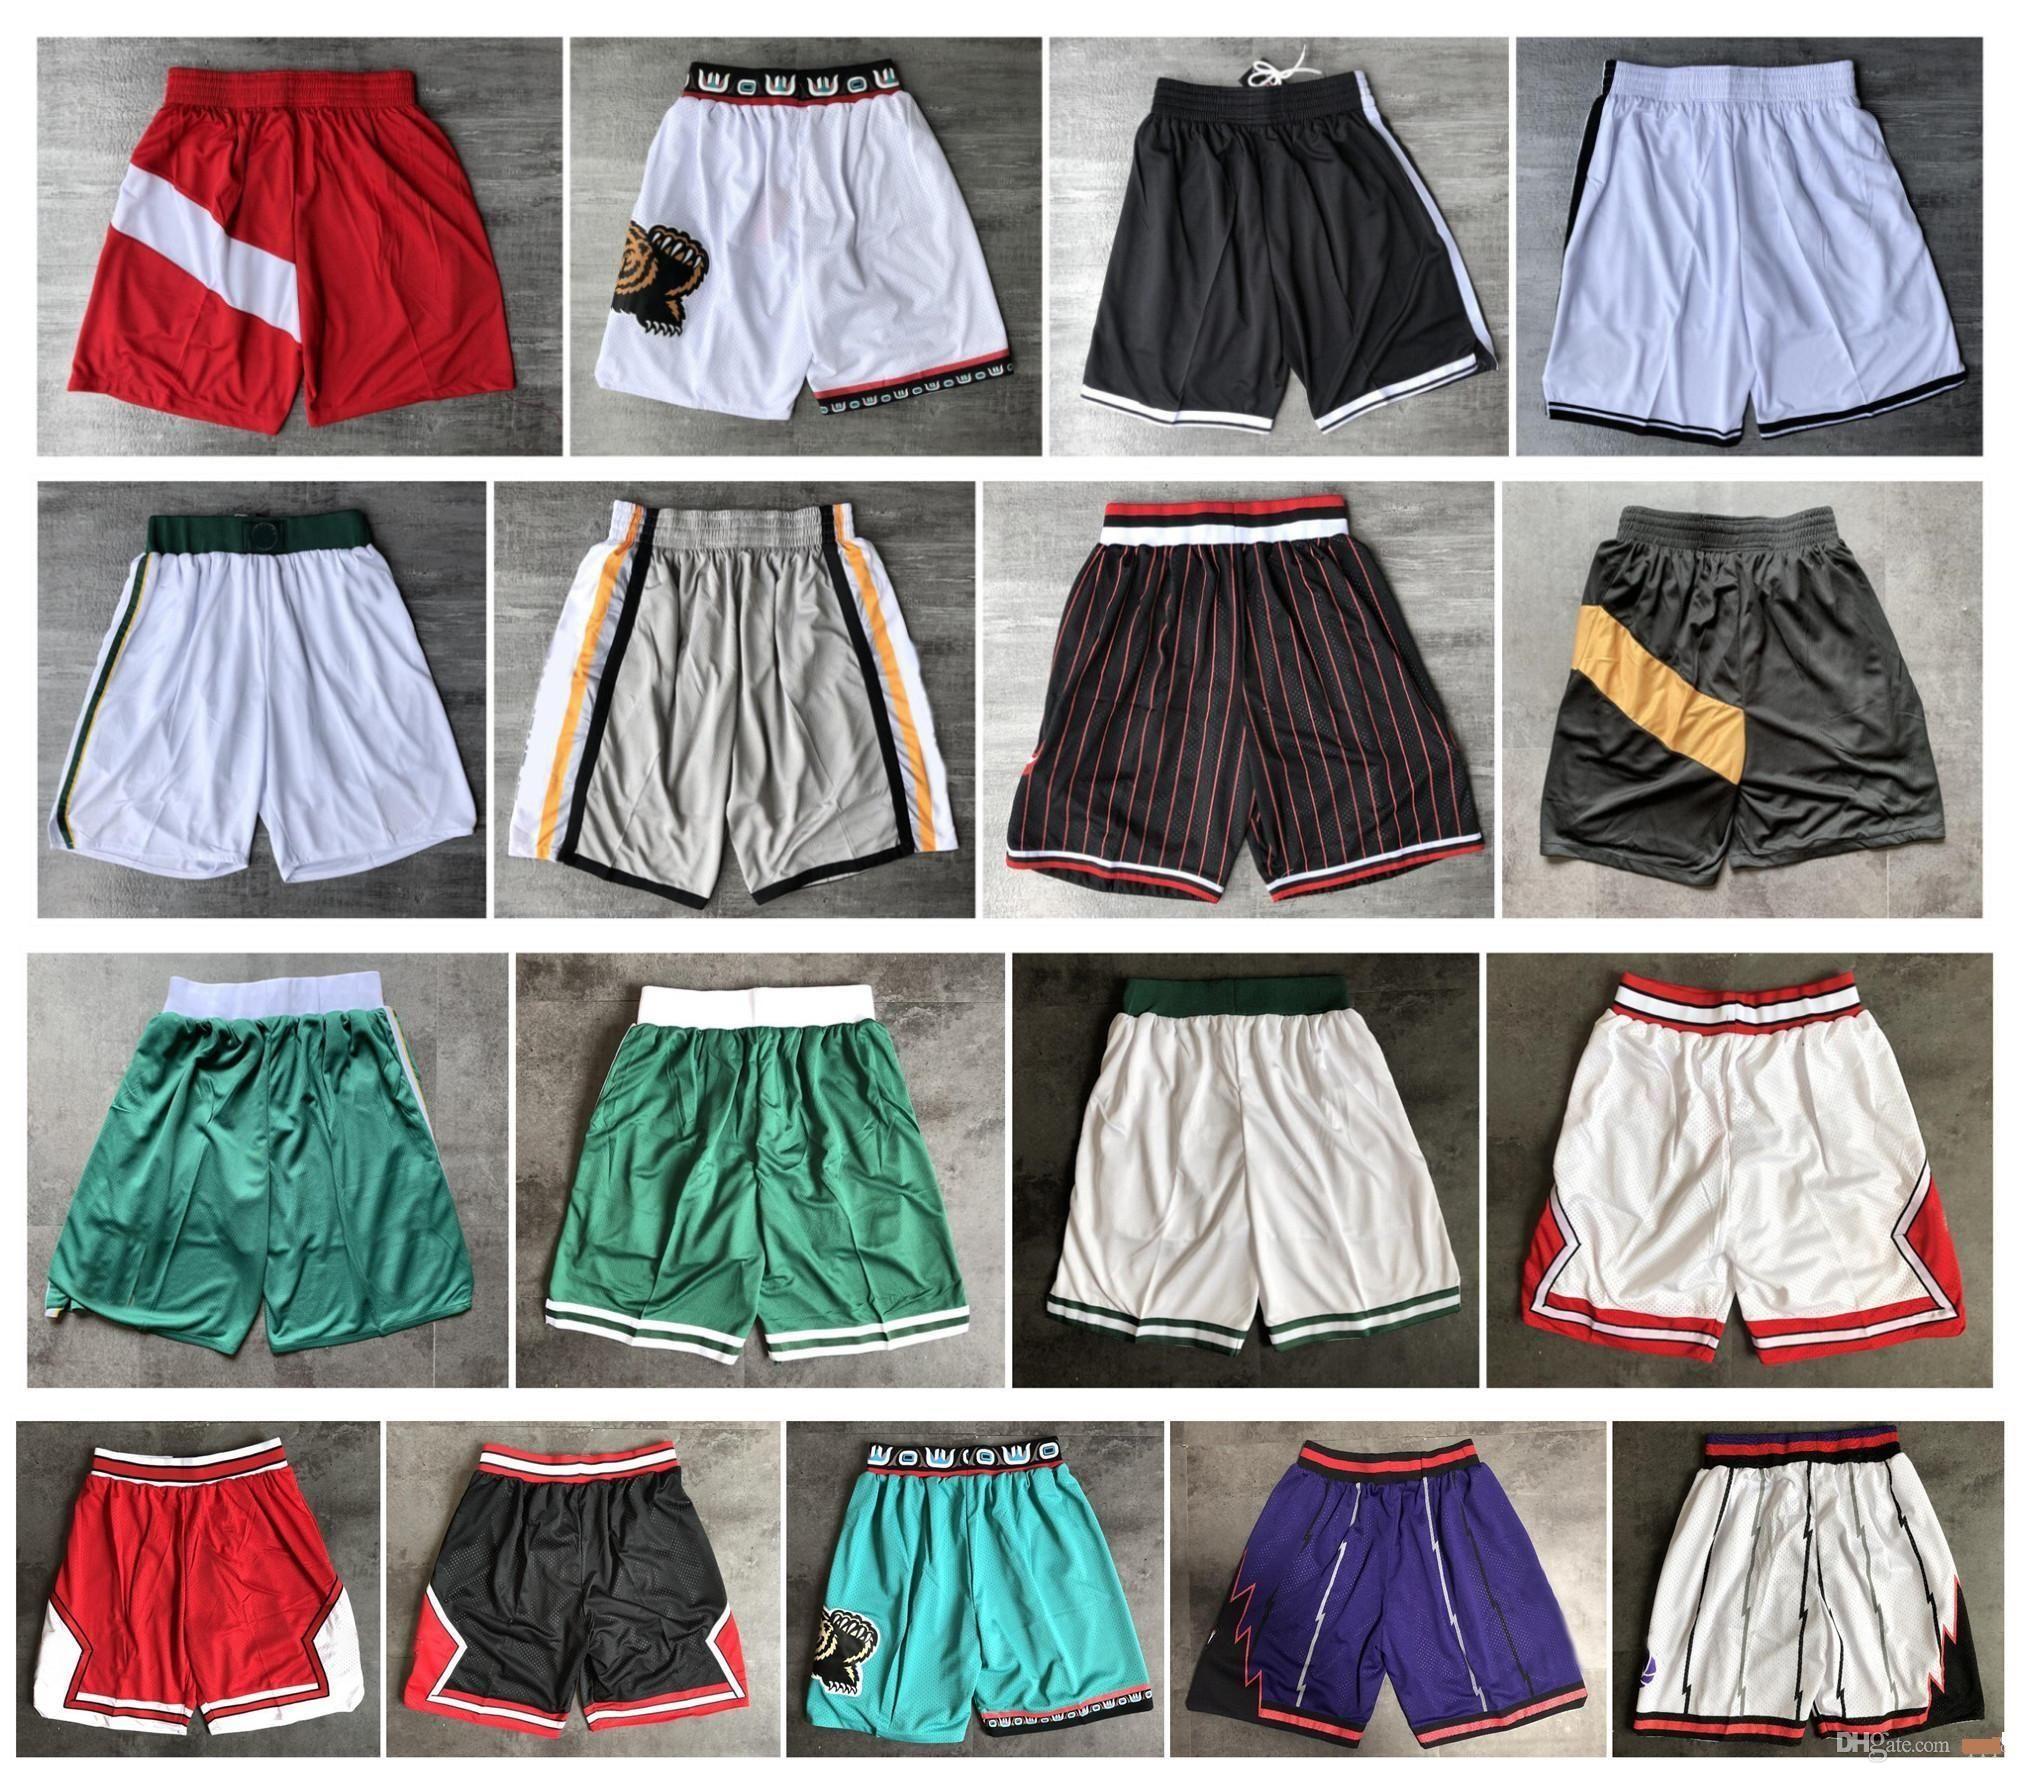 De calidad superior! 2019 equipo de baloncesto Shorts Shorts PANTALONCINI da cesta Deporte Pantalones cortos Pantalones universitarios Blanco Negro Rojo Verde Violeta